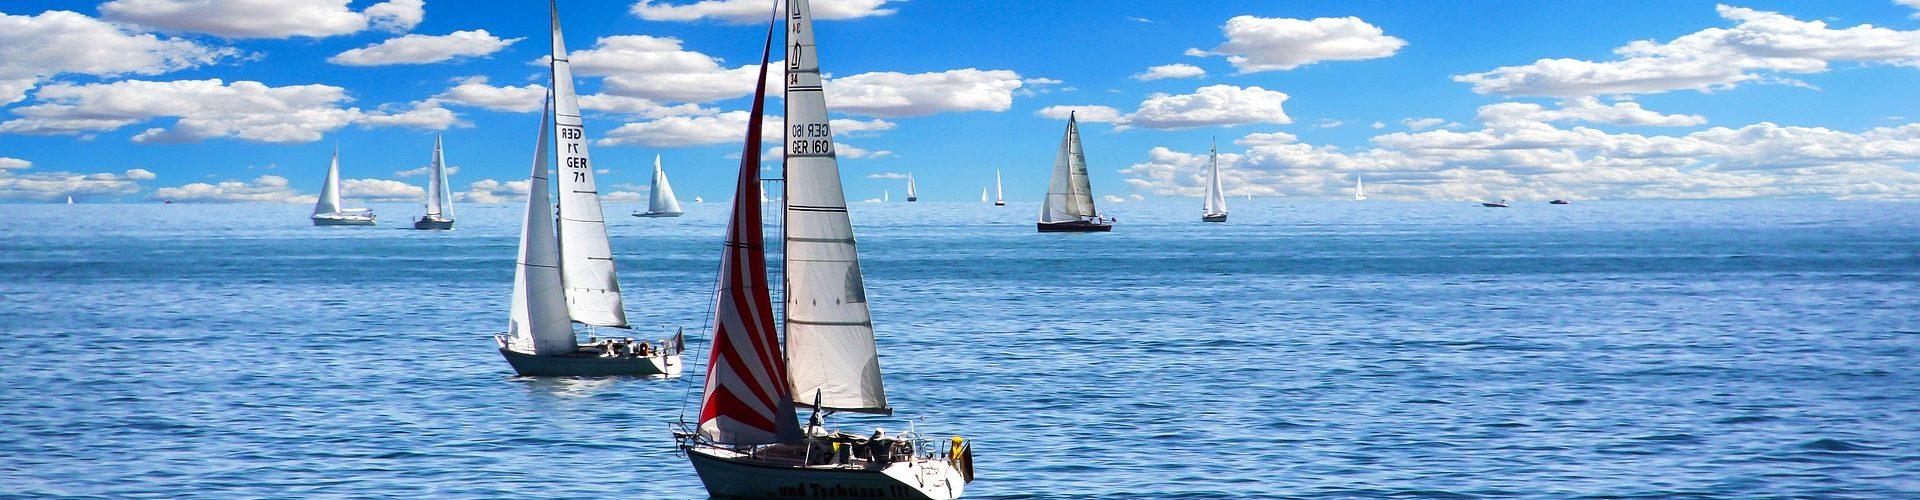 segeln lernen in Uffenheim segelschein machen in Uffenheim 1920x500 - Segeln lernen in Uffenheim